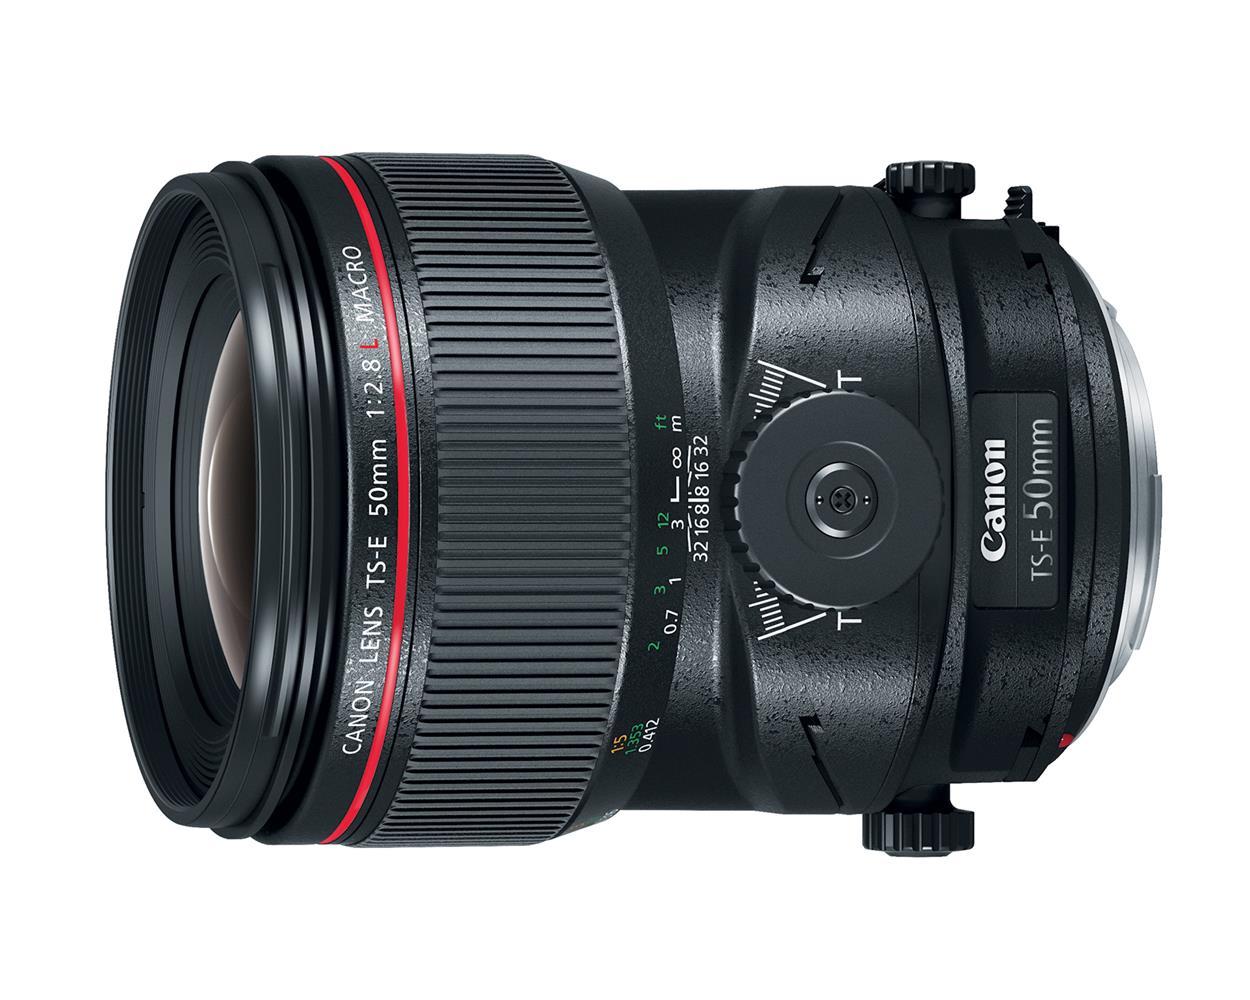 Canon TS-E 50mm F2.8 Macro Tilt-Shift Lens